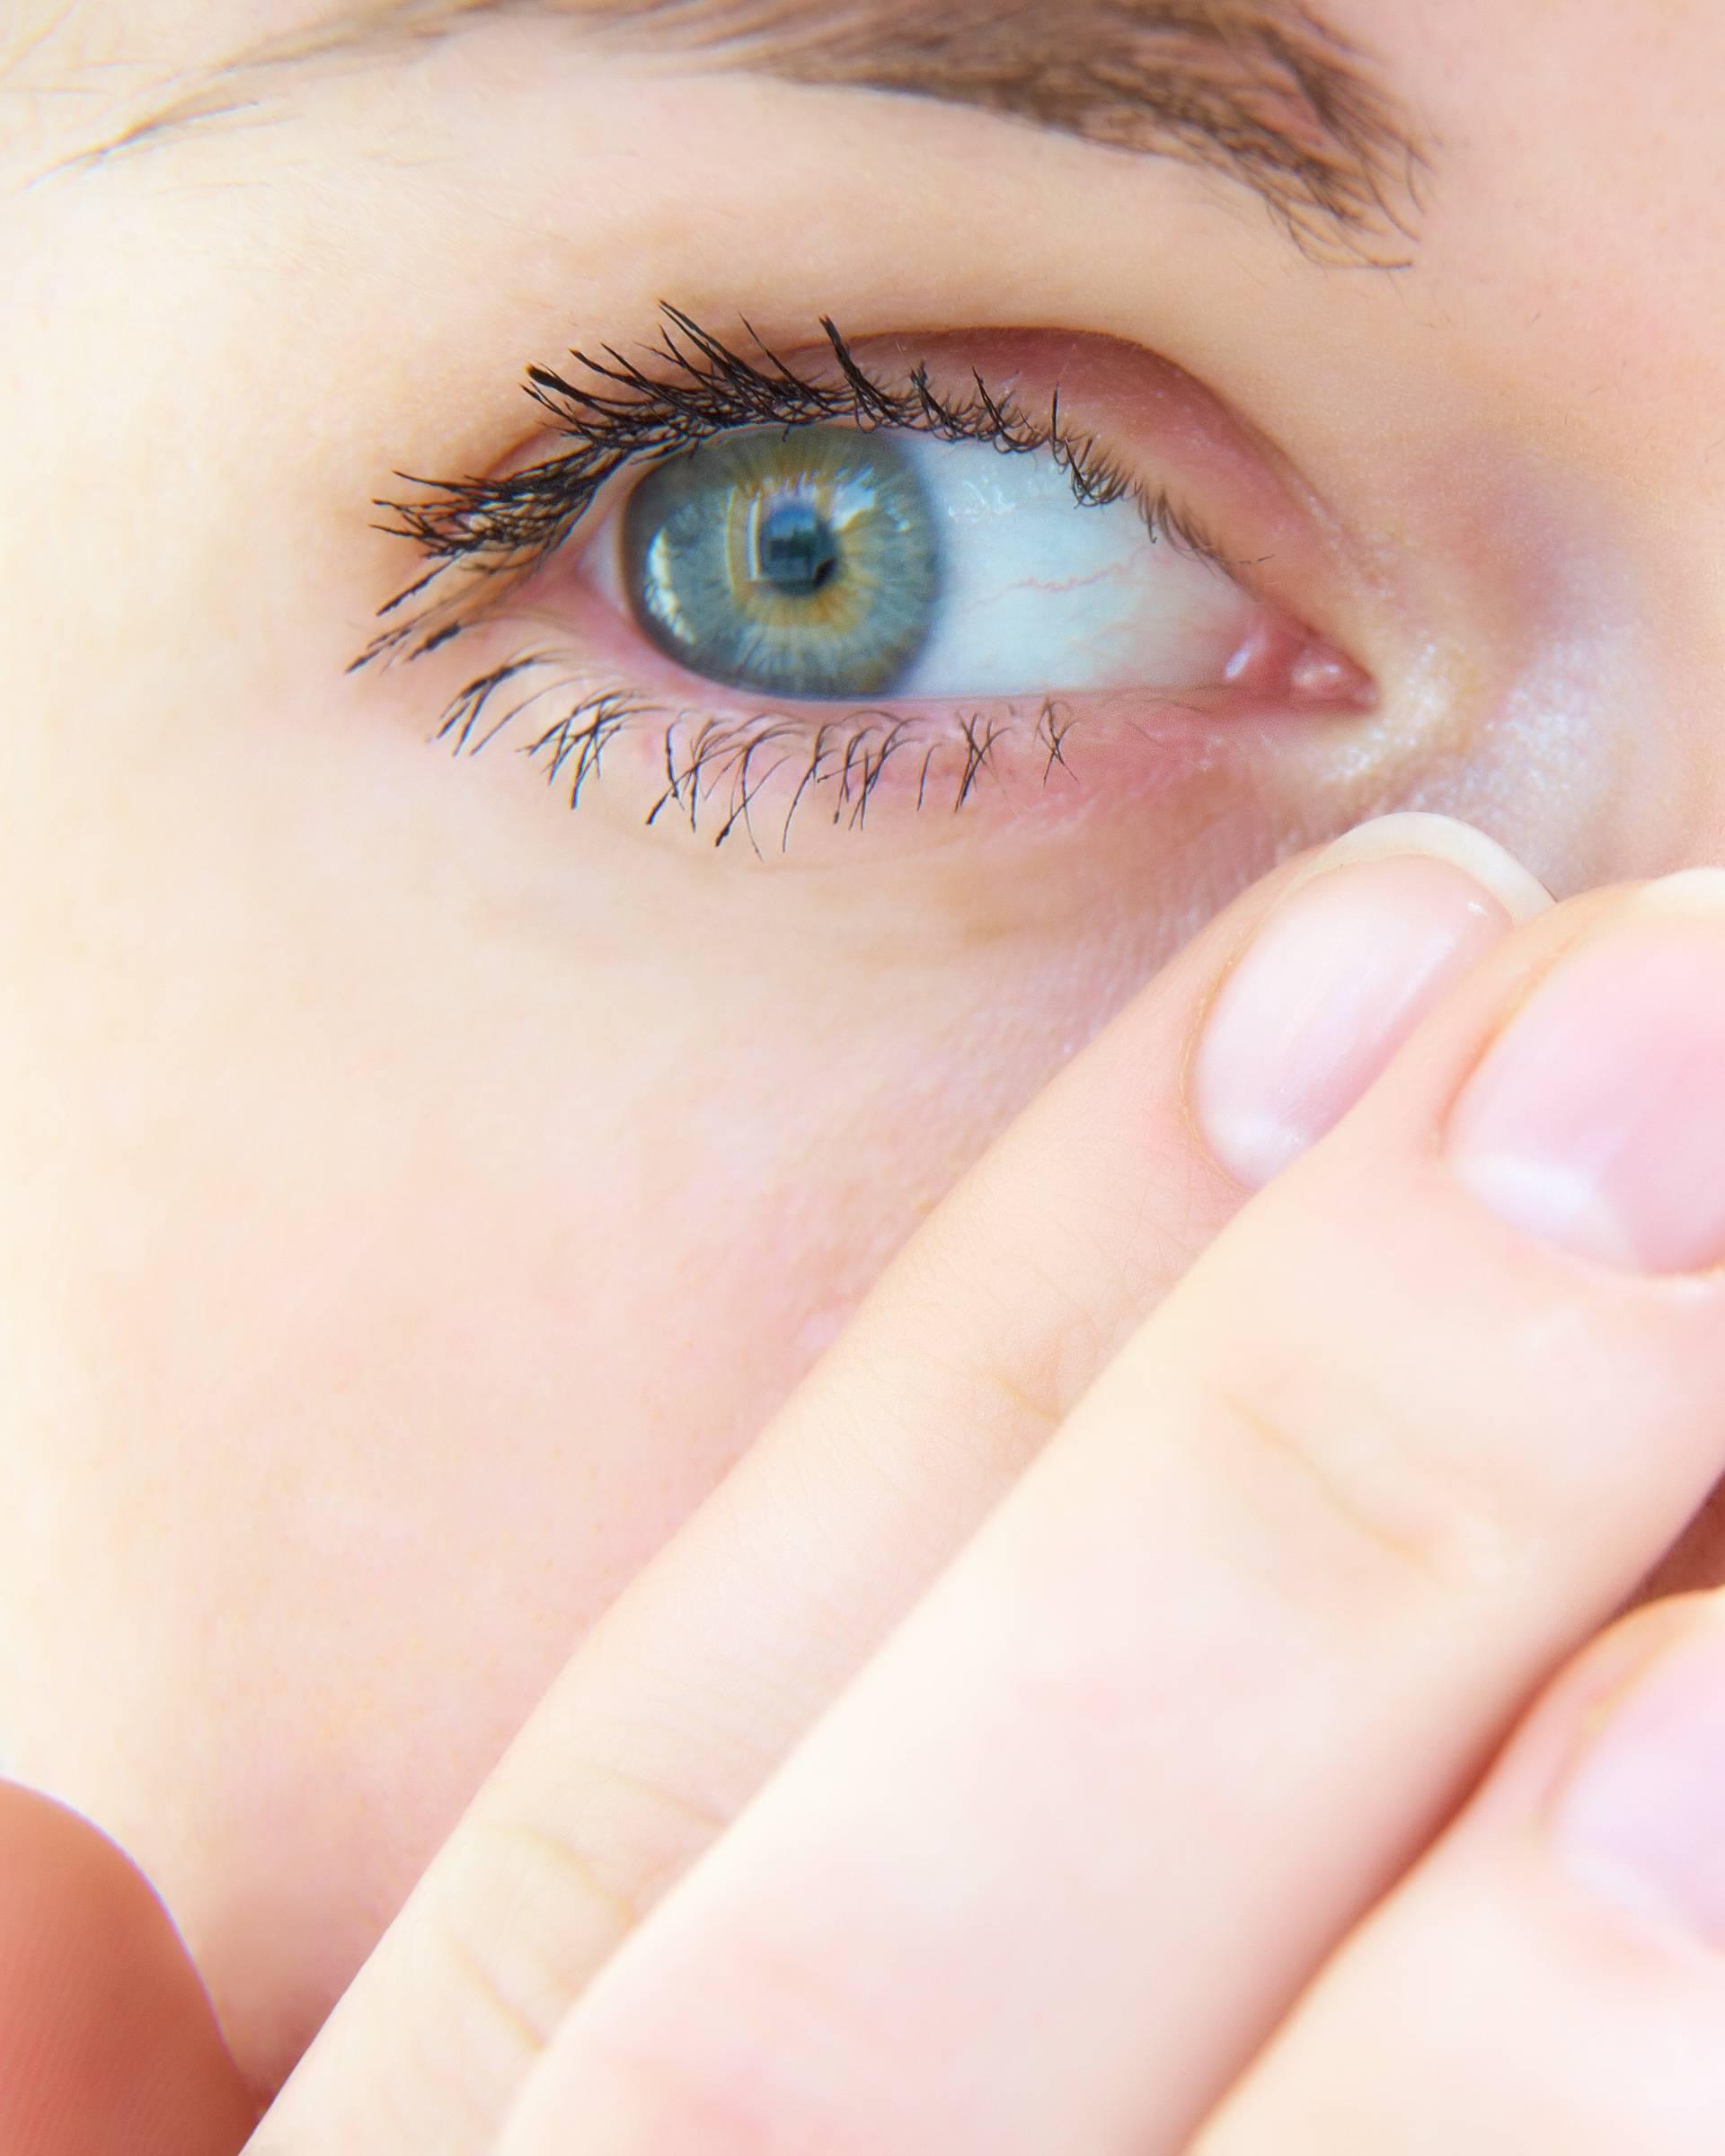 Savjeti kako sigurno izvaditi nešto što vam je upalo u oko